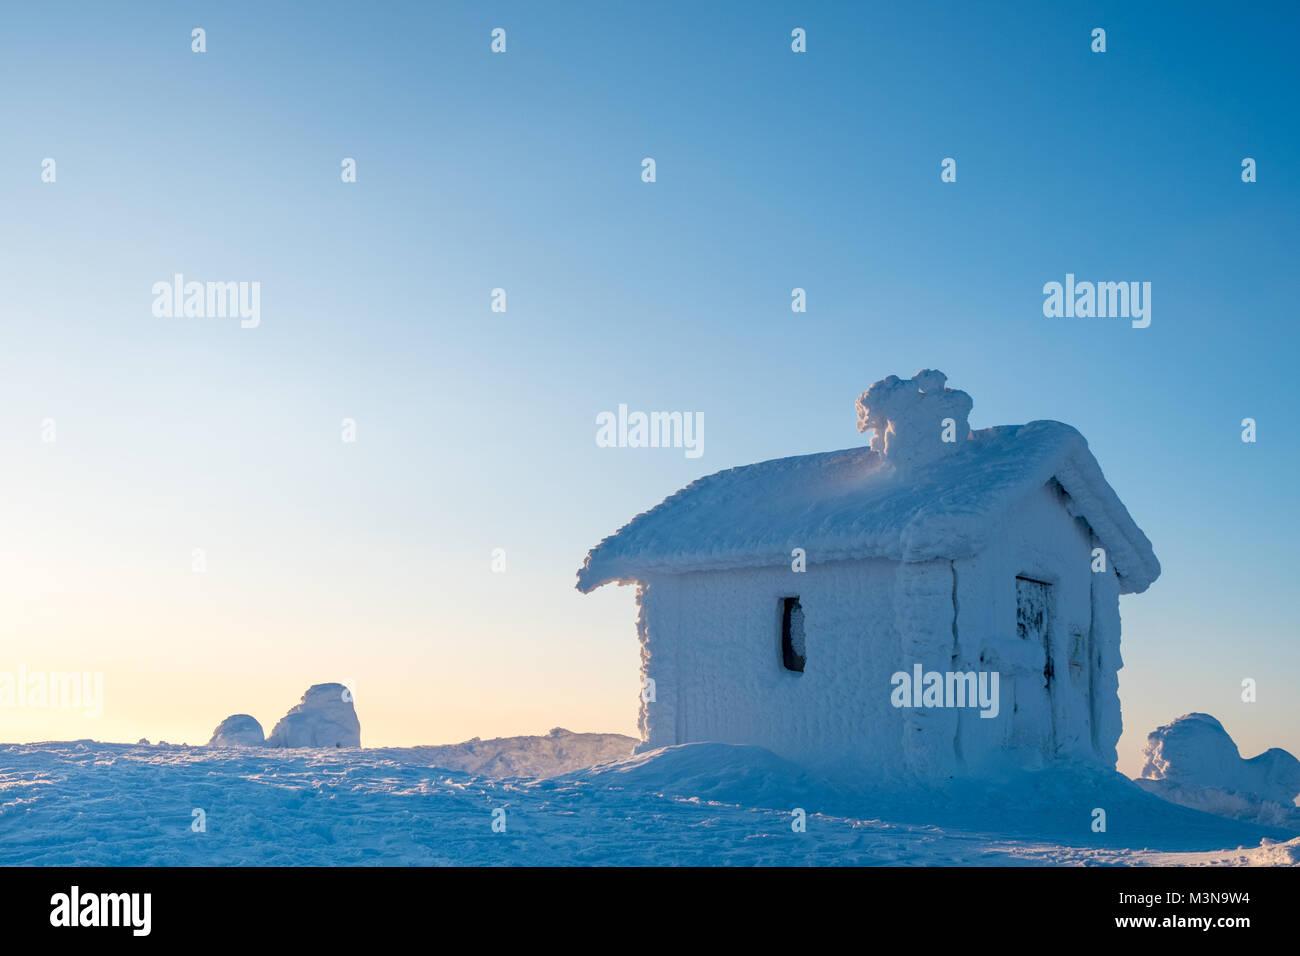 Cabina incrustada en la nieve en la cima de una colina en Finlandia Foto de stock